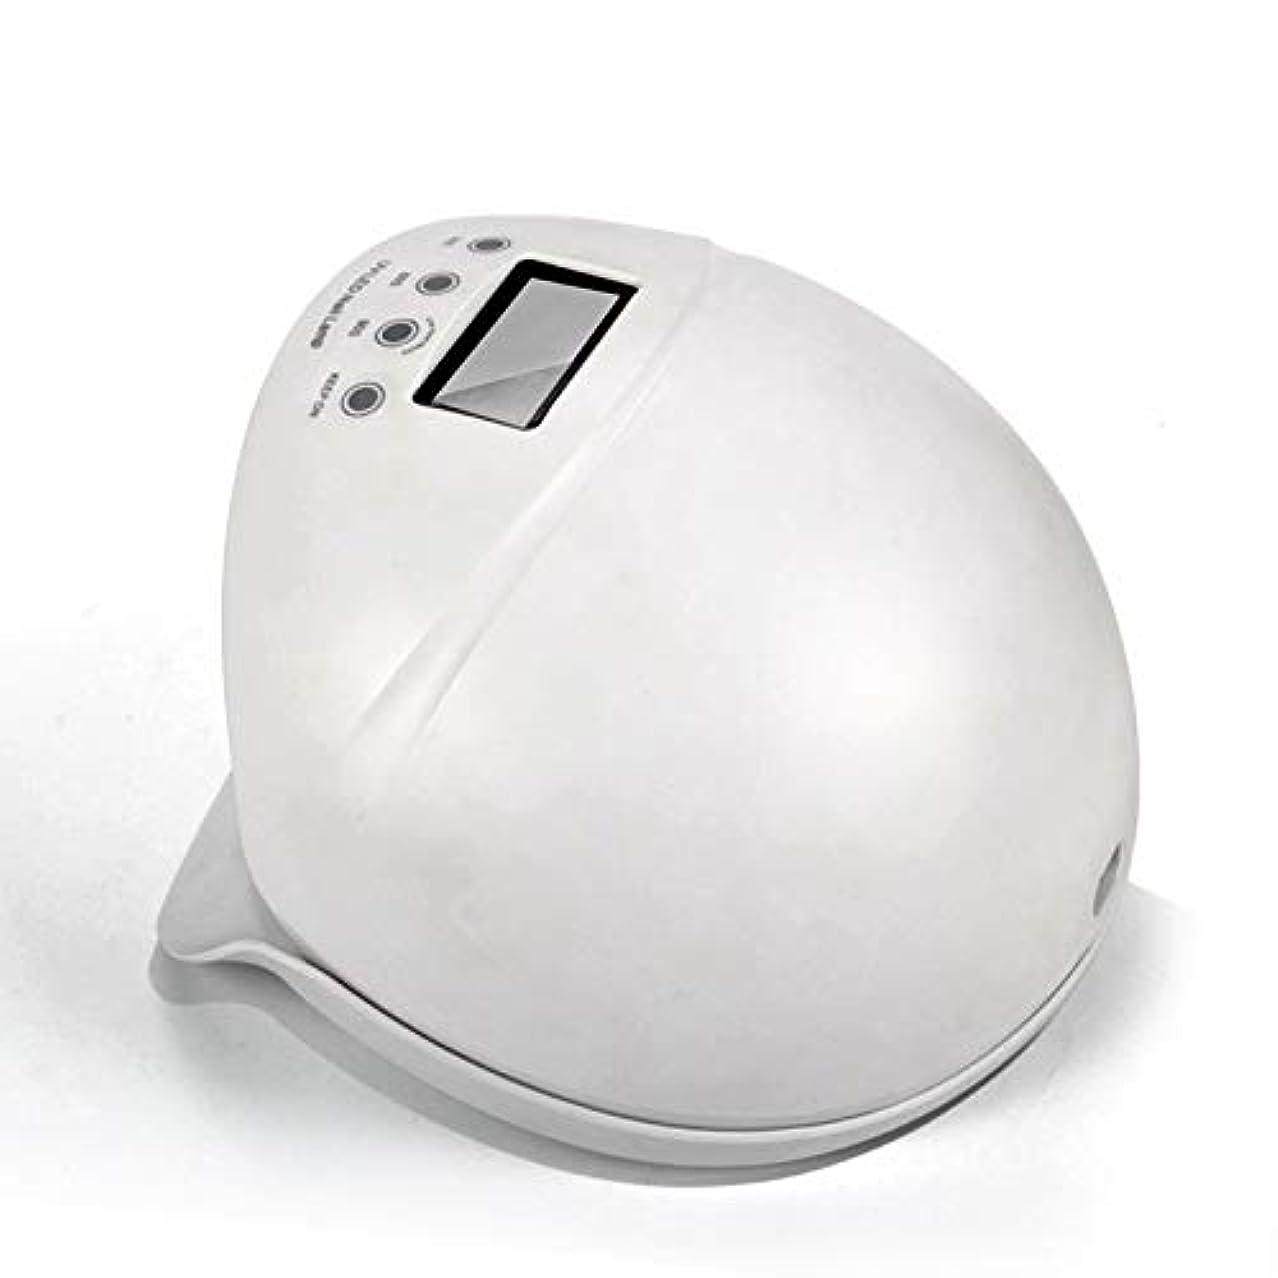 まあクランシーメッセンジャーネイルライト50ワットuv ledネイルドライヤー無痛硬化ランプ付き自動誘導ledディスプレイ3タイマーセットネイルとtoenailジェルポリッシュ